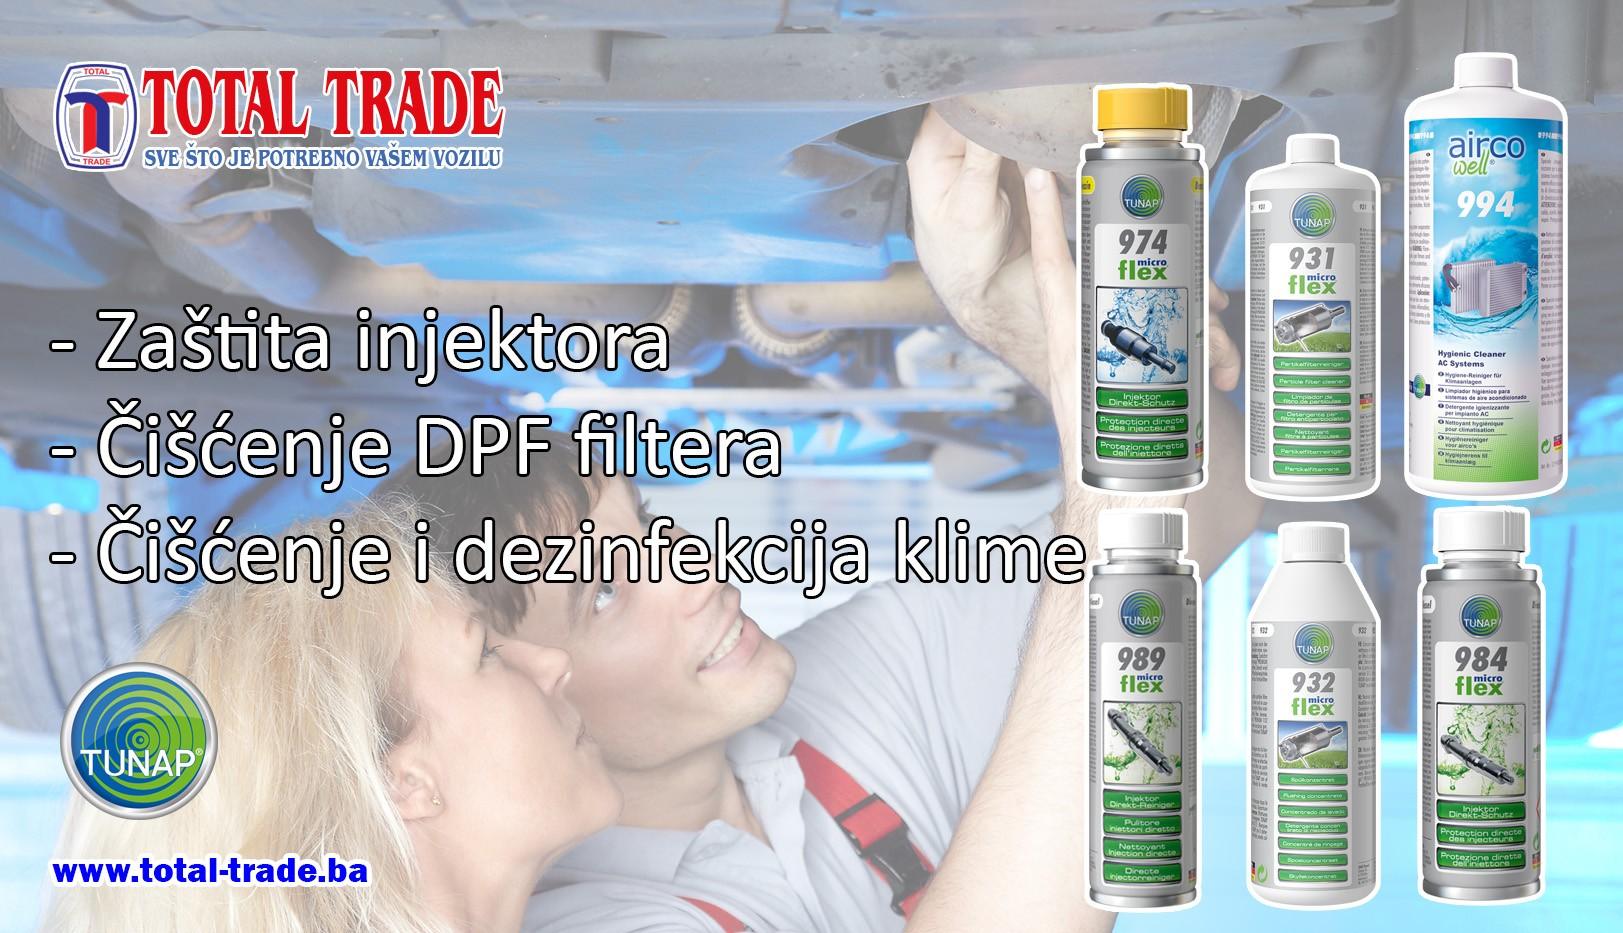 TUNAP - Čišćenje DPF filtera, Čišćenje klima, Zaštita injektora